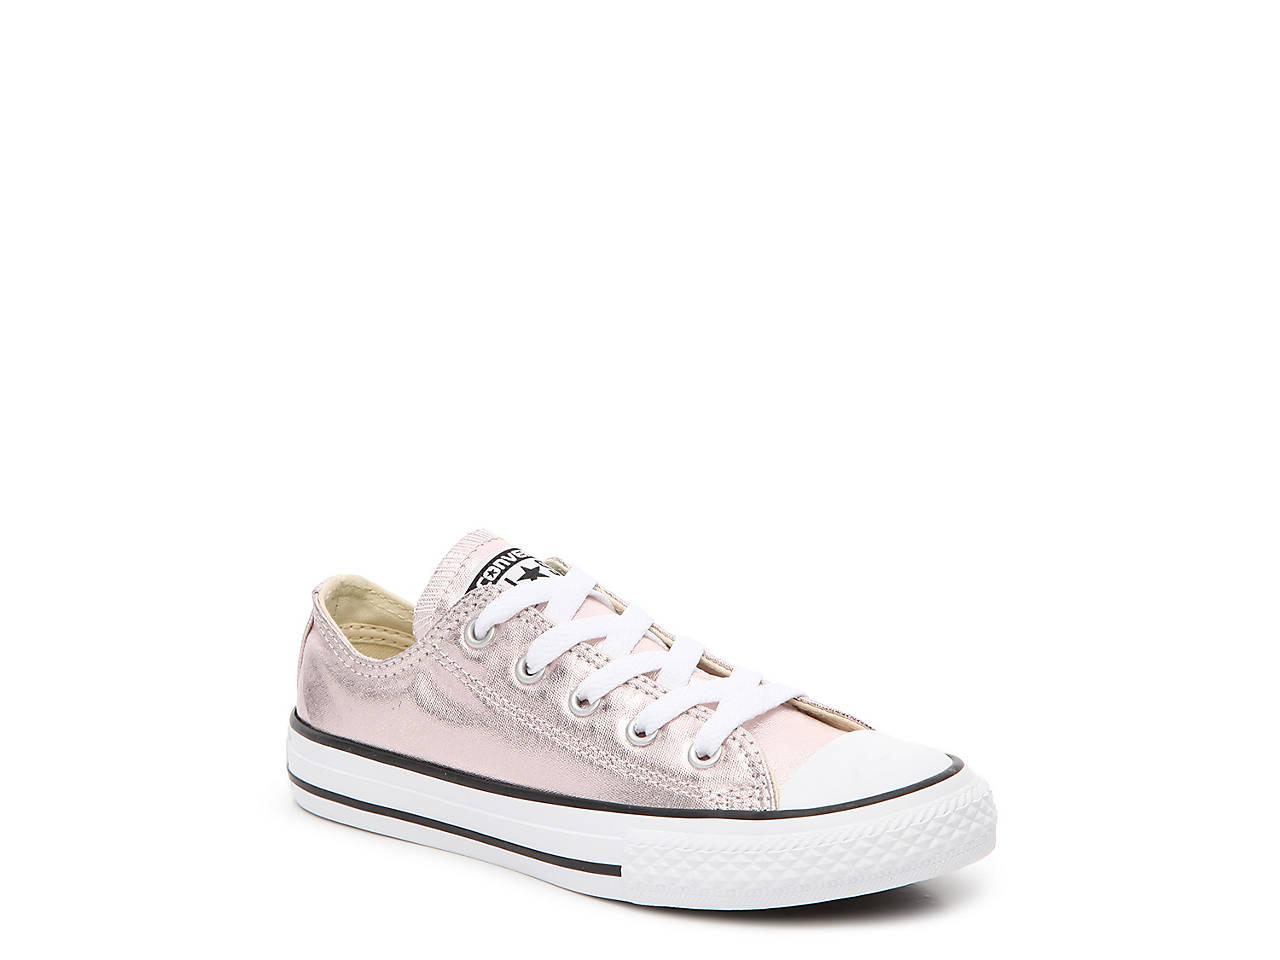 3d95d69d255 Converse Chuck Taylor All Star Toddler   Youth Metallic Sneaker Kids ...